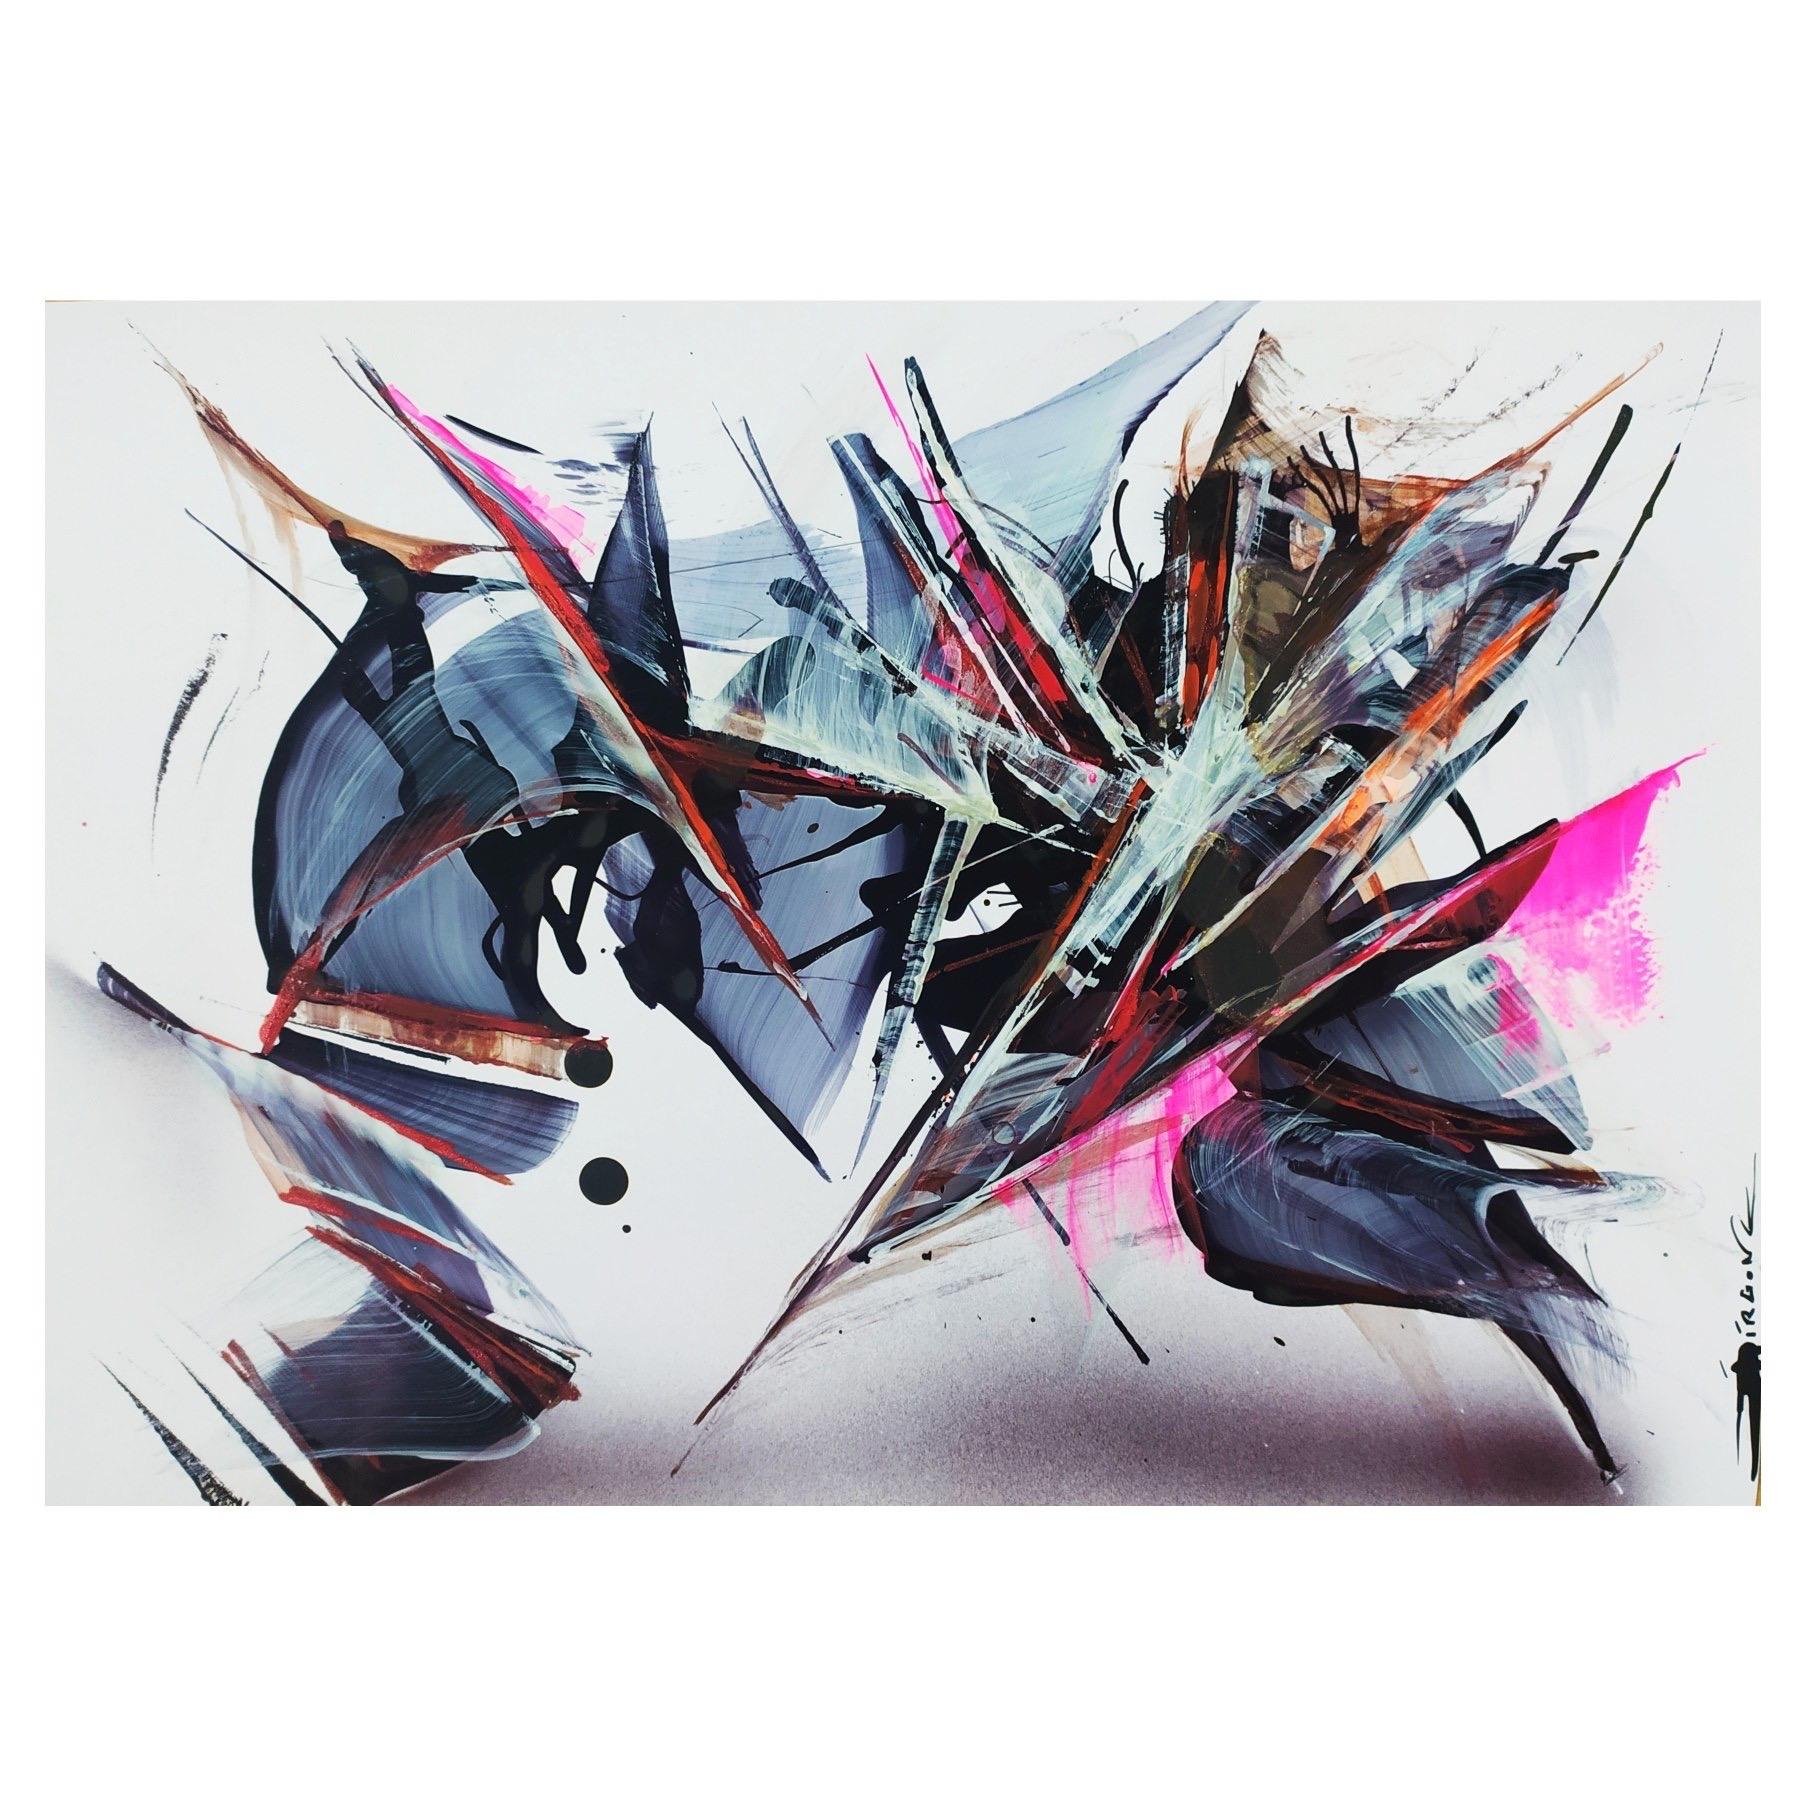 AIRGONE 'SERIE 241 BPM No15'-2021- ORIGINAL